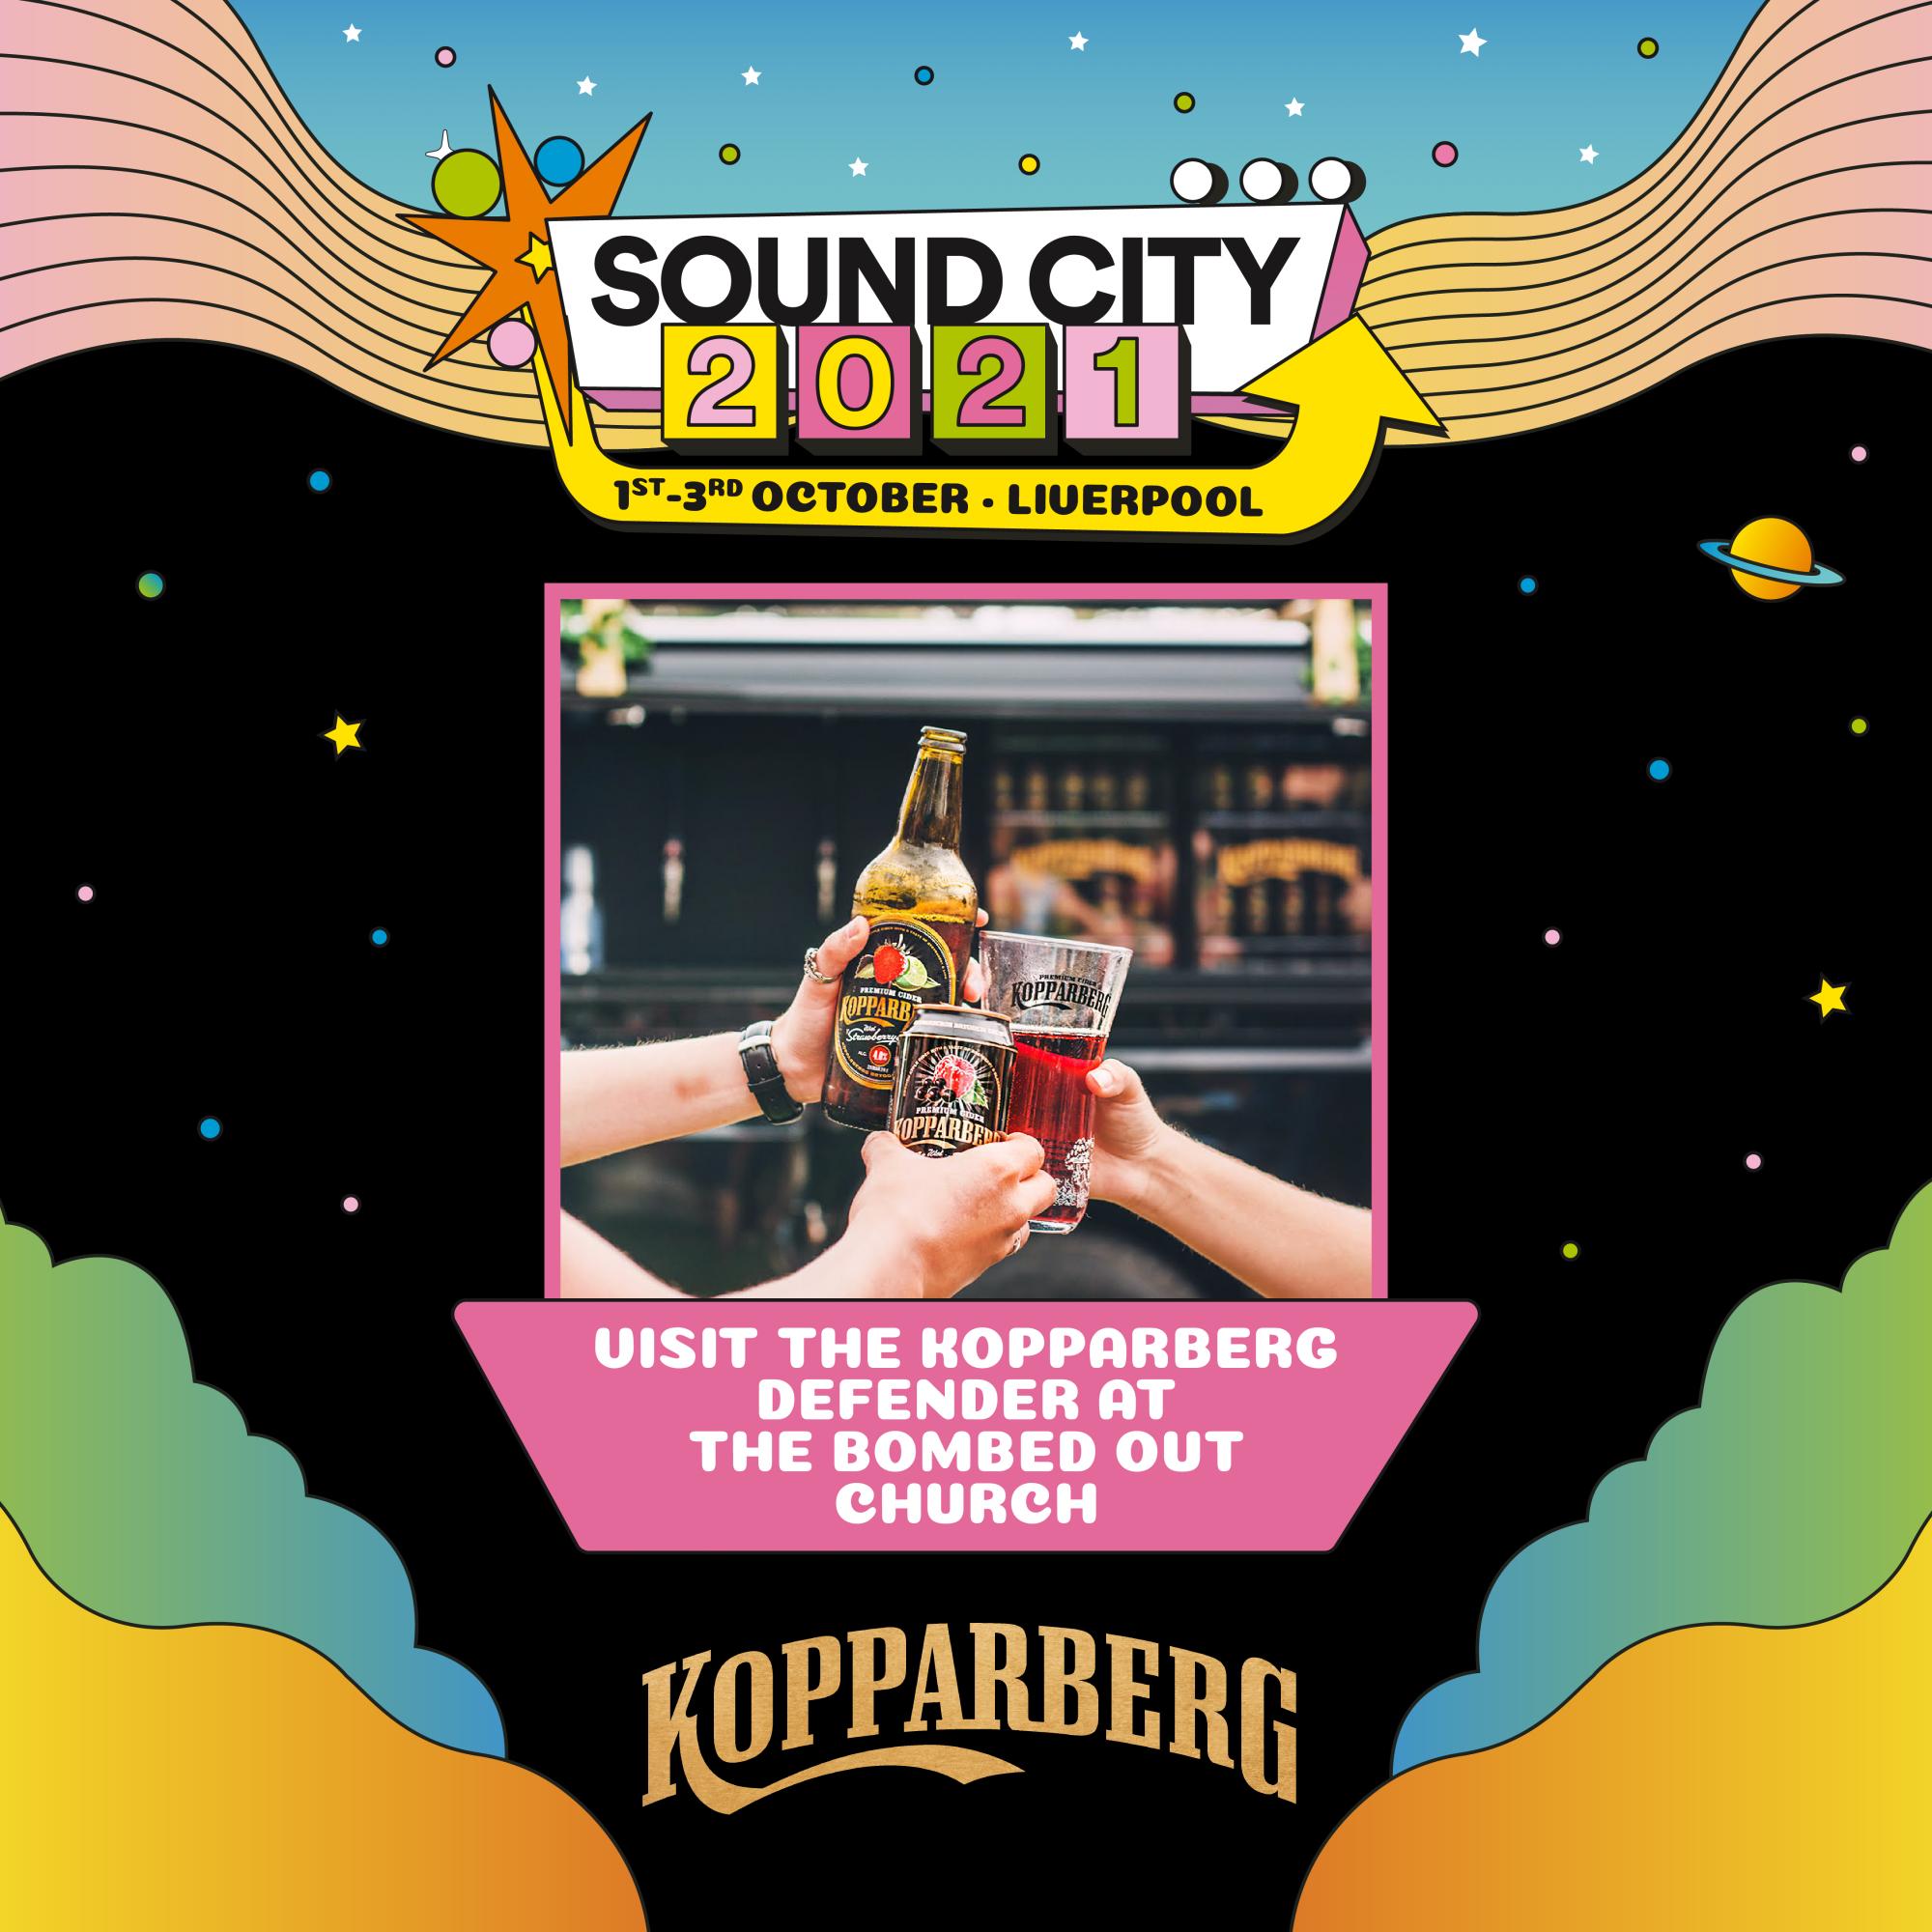 Kopparberg at Sound City 2021!